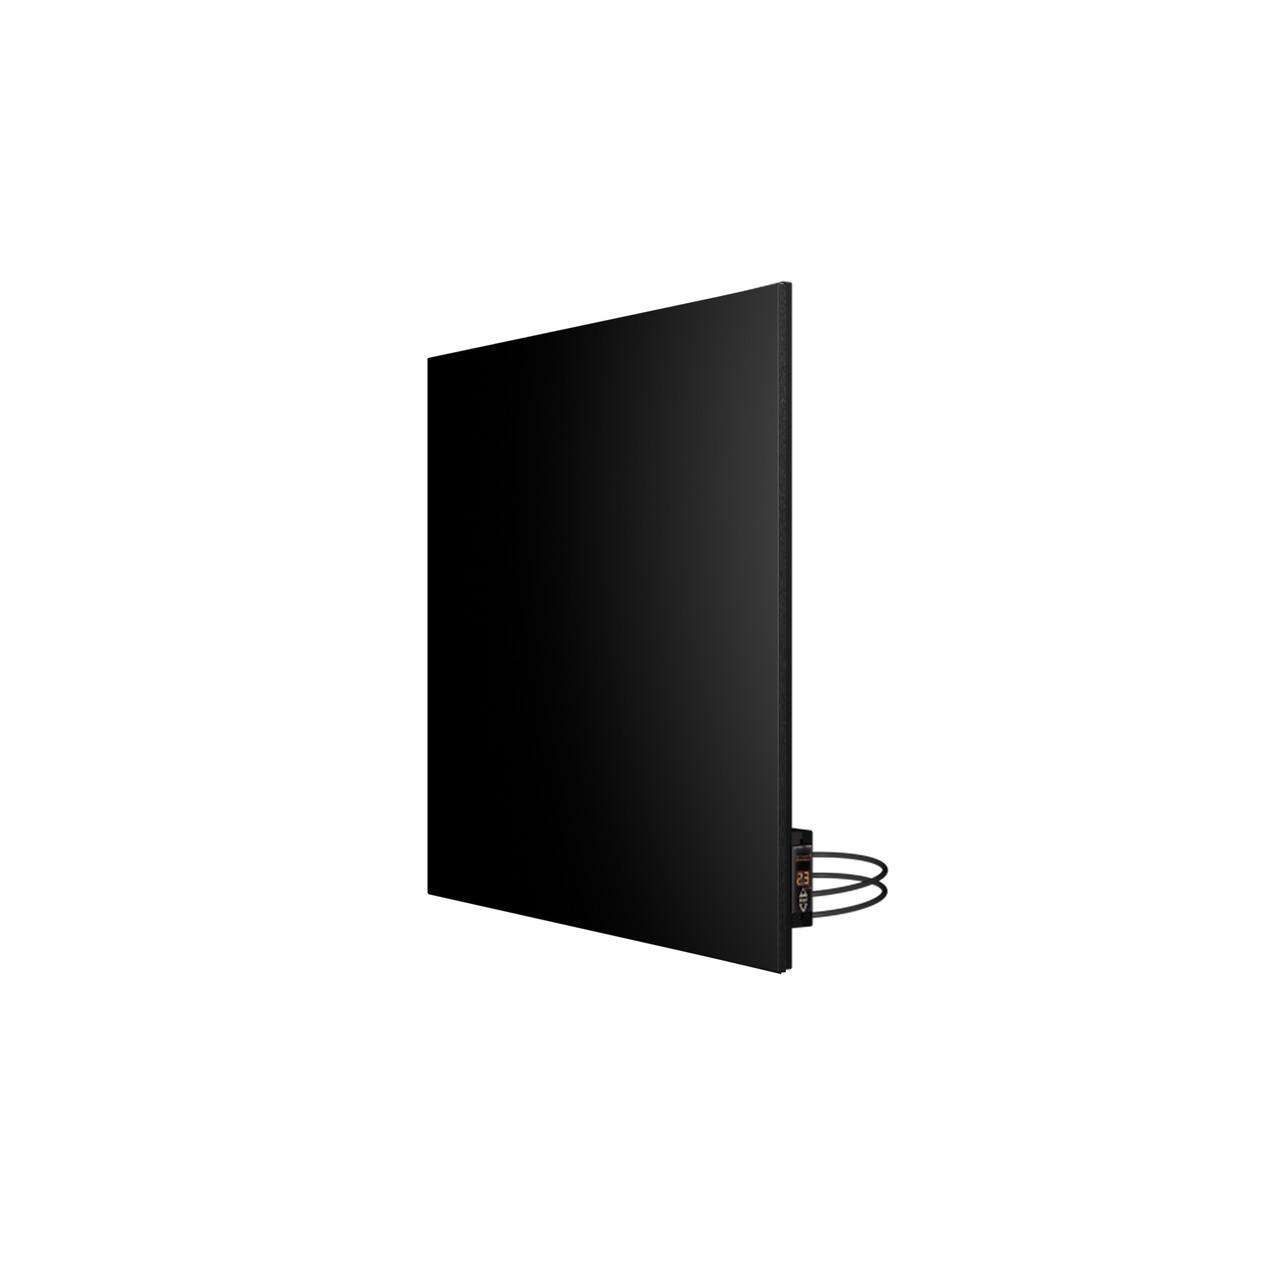 Панель керамическая инфракрасная (обогреватель керамический) Теплокерамик Teploceramic TC500R с терморегулятором (Чёрный)